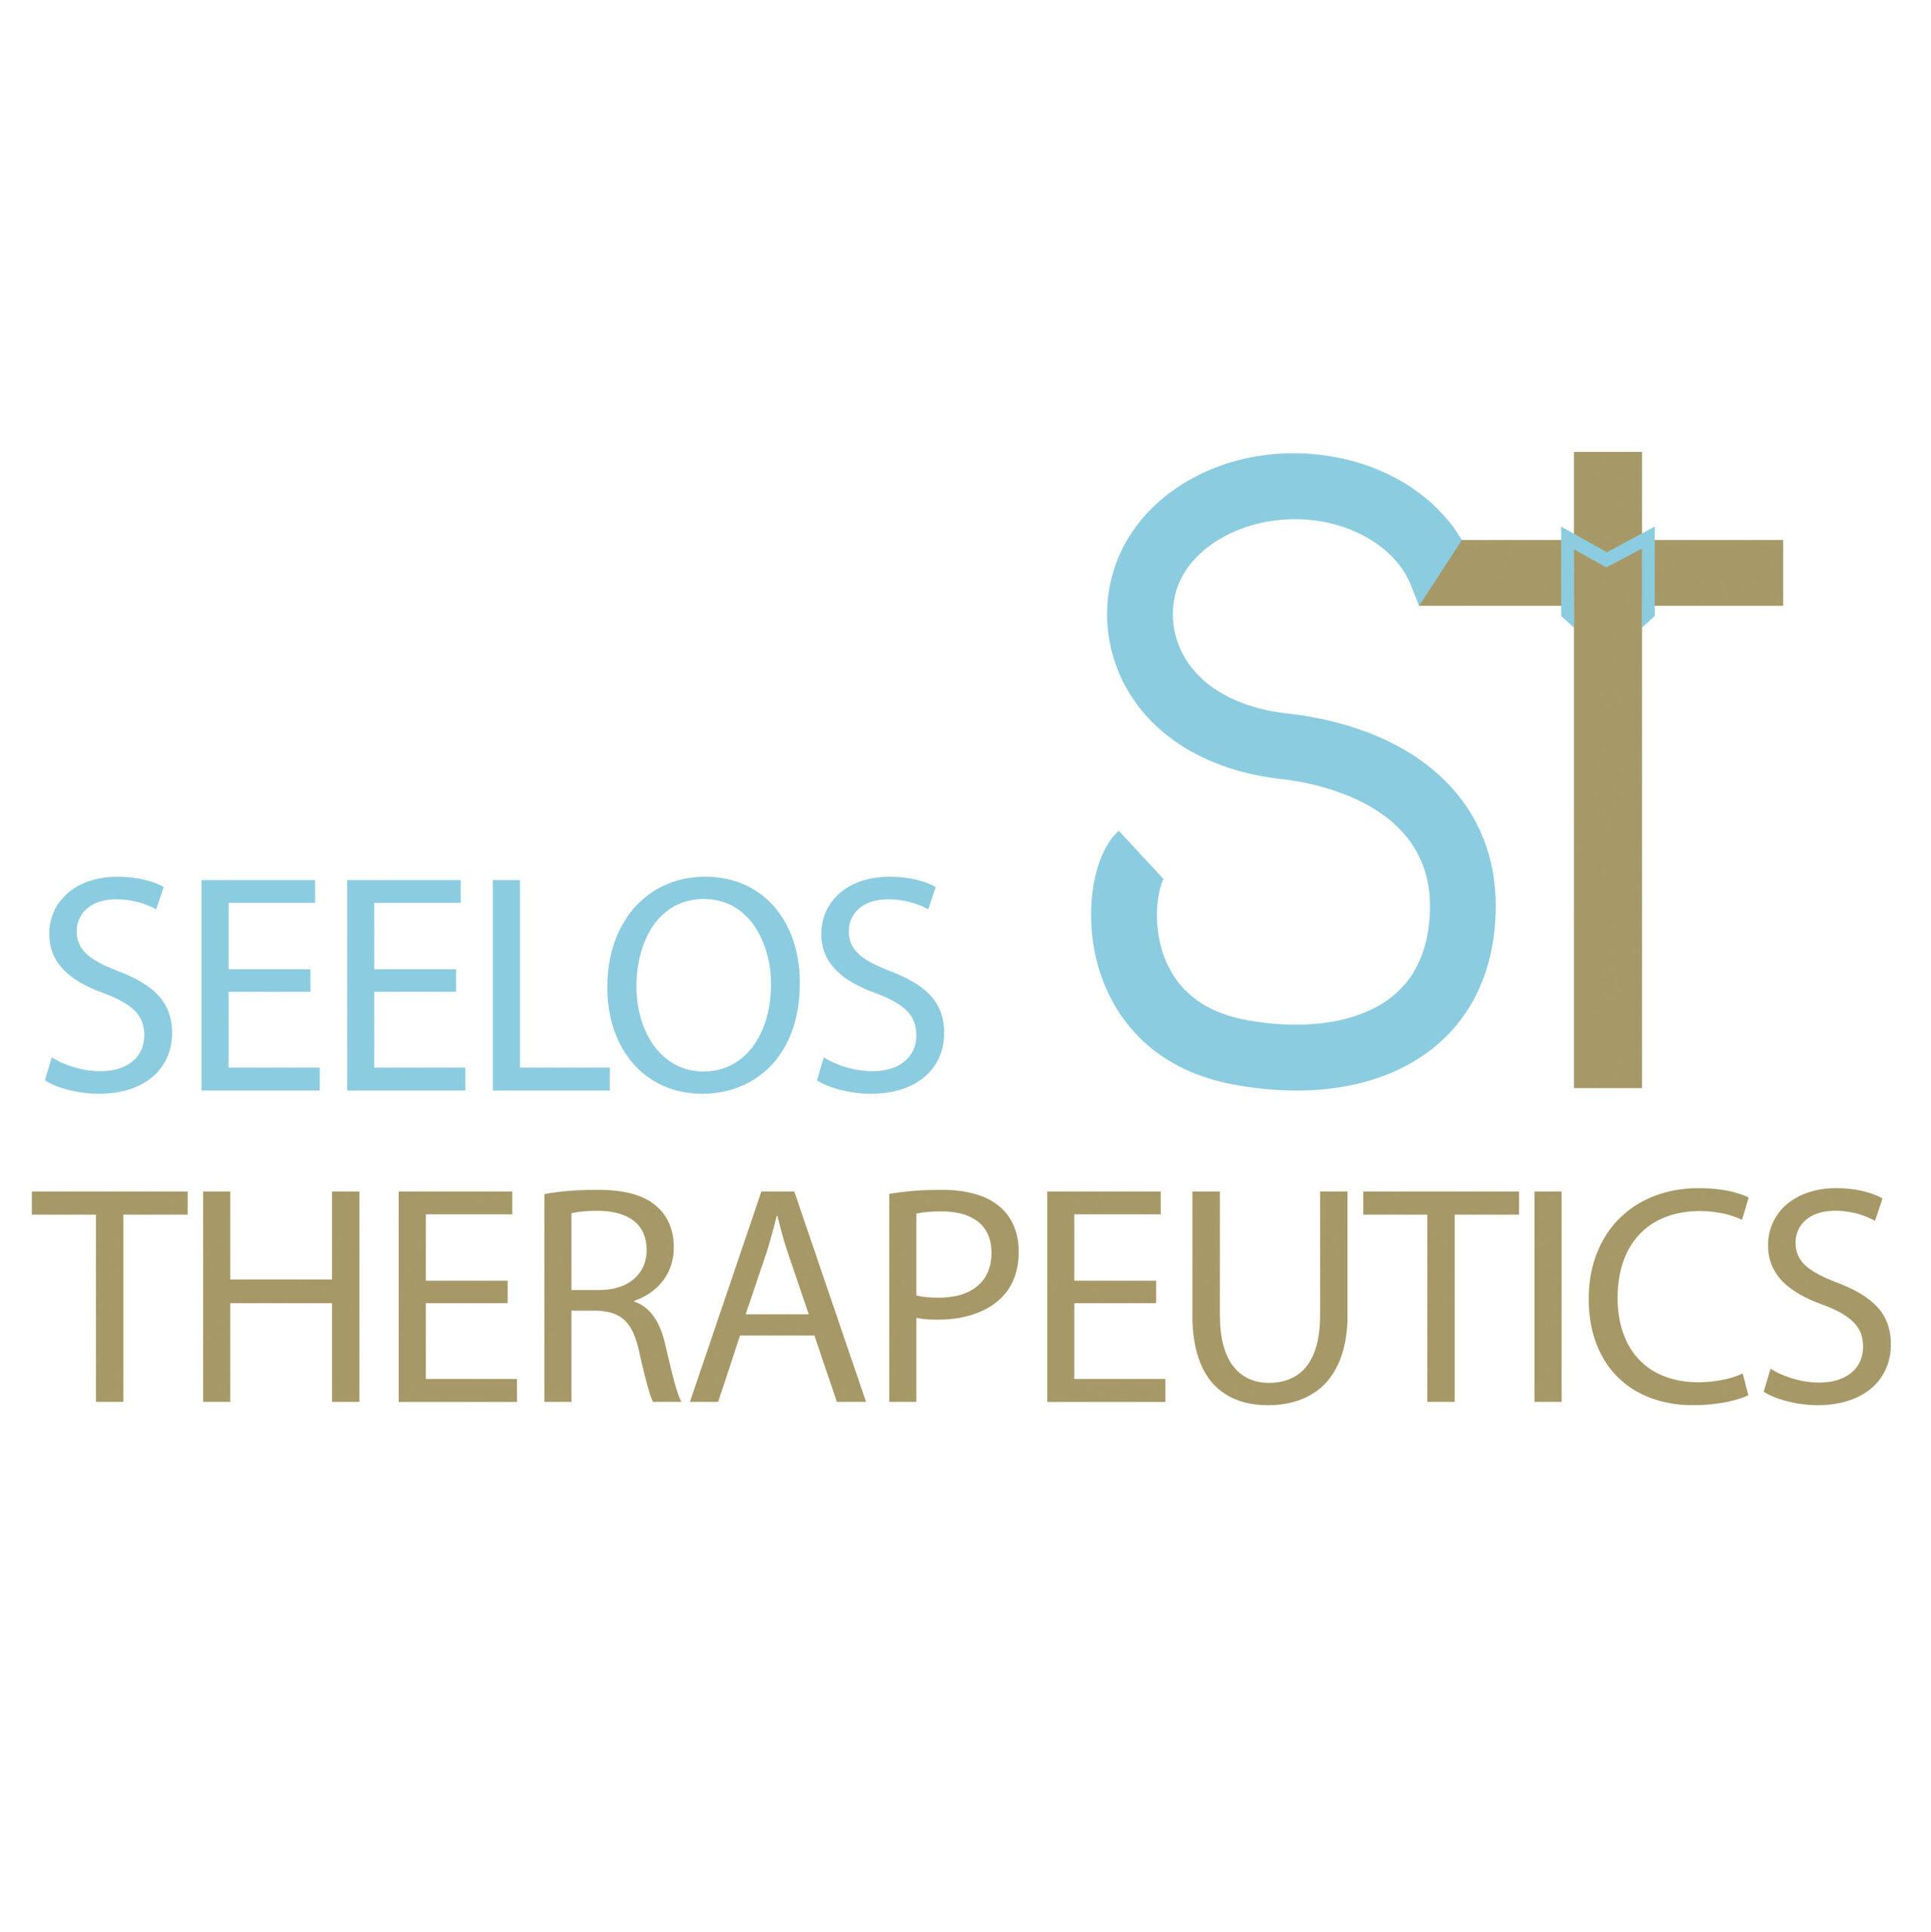 Seelos Therapeutics